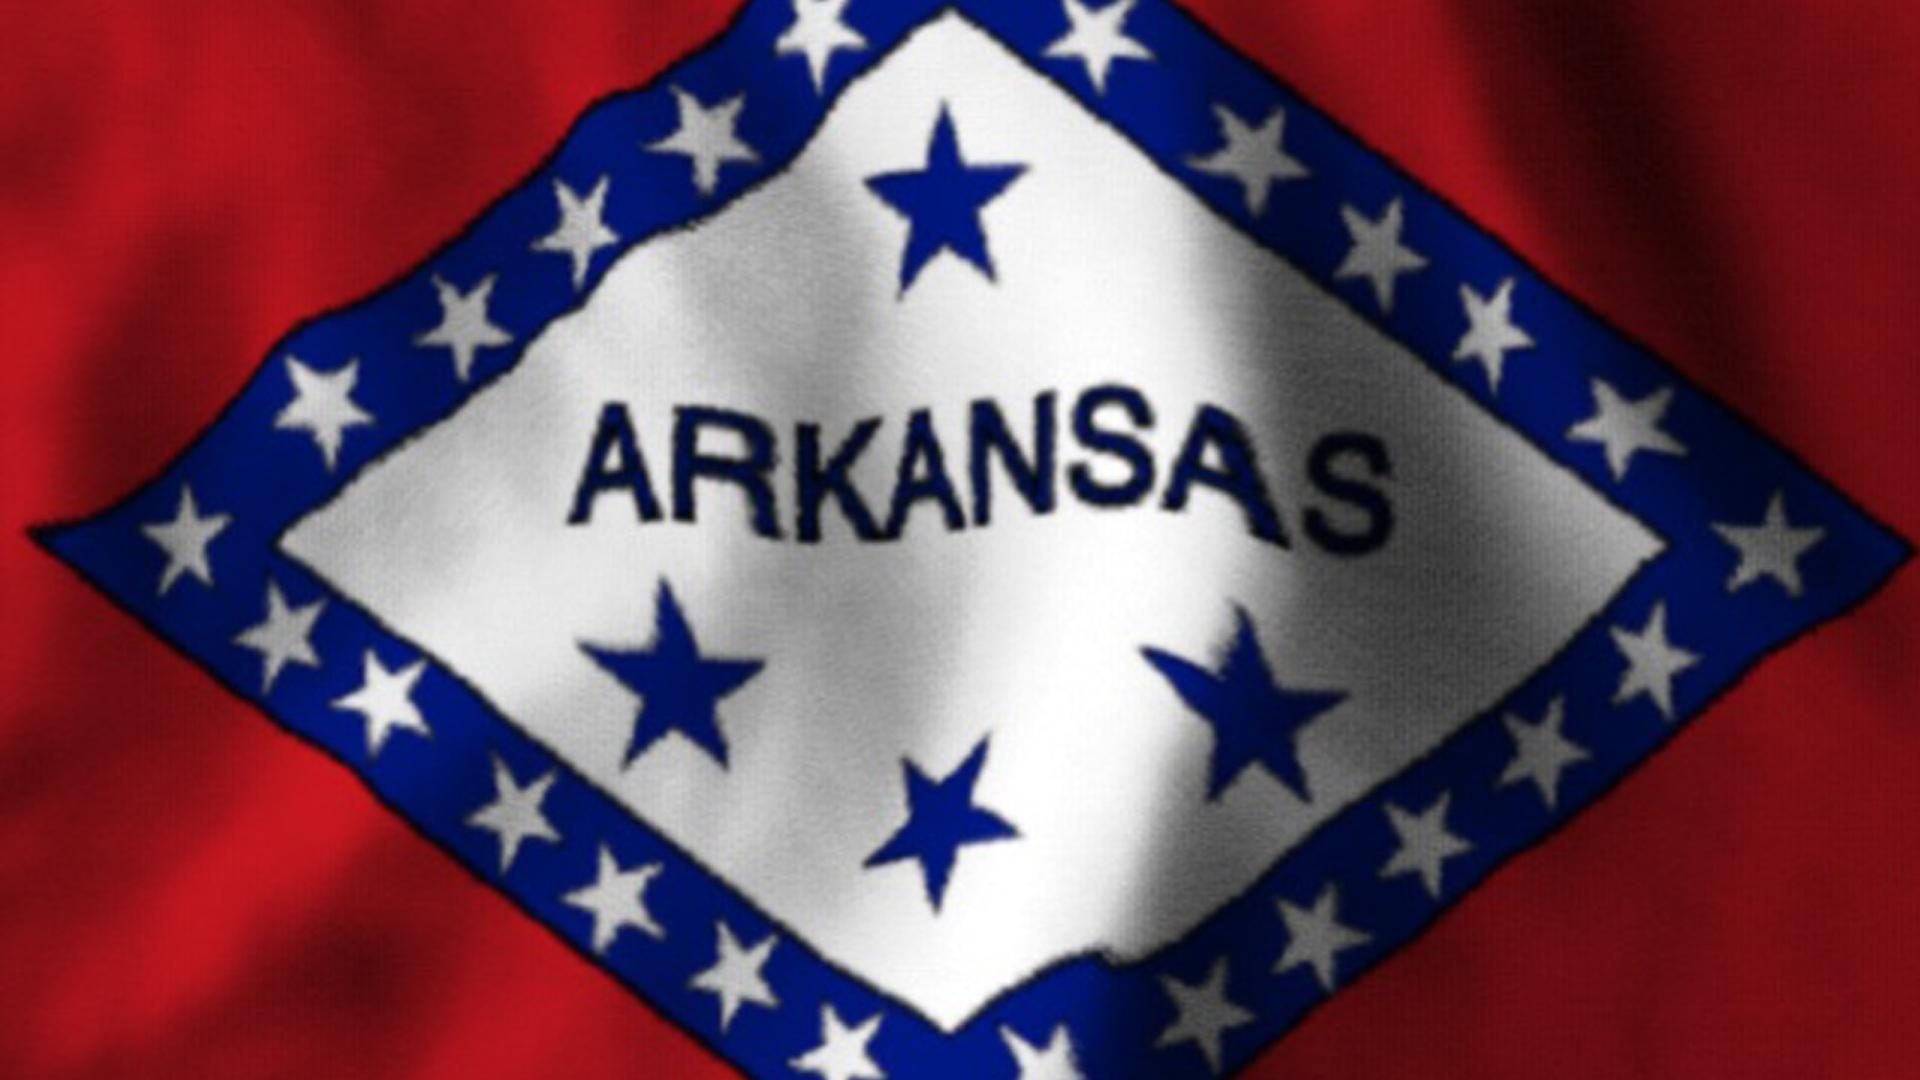 arkansas flag_1481325063443.jpg